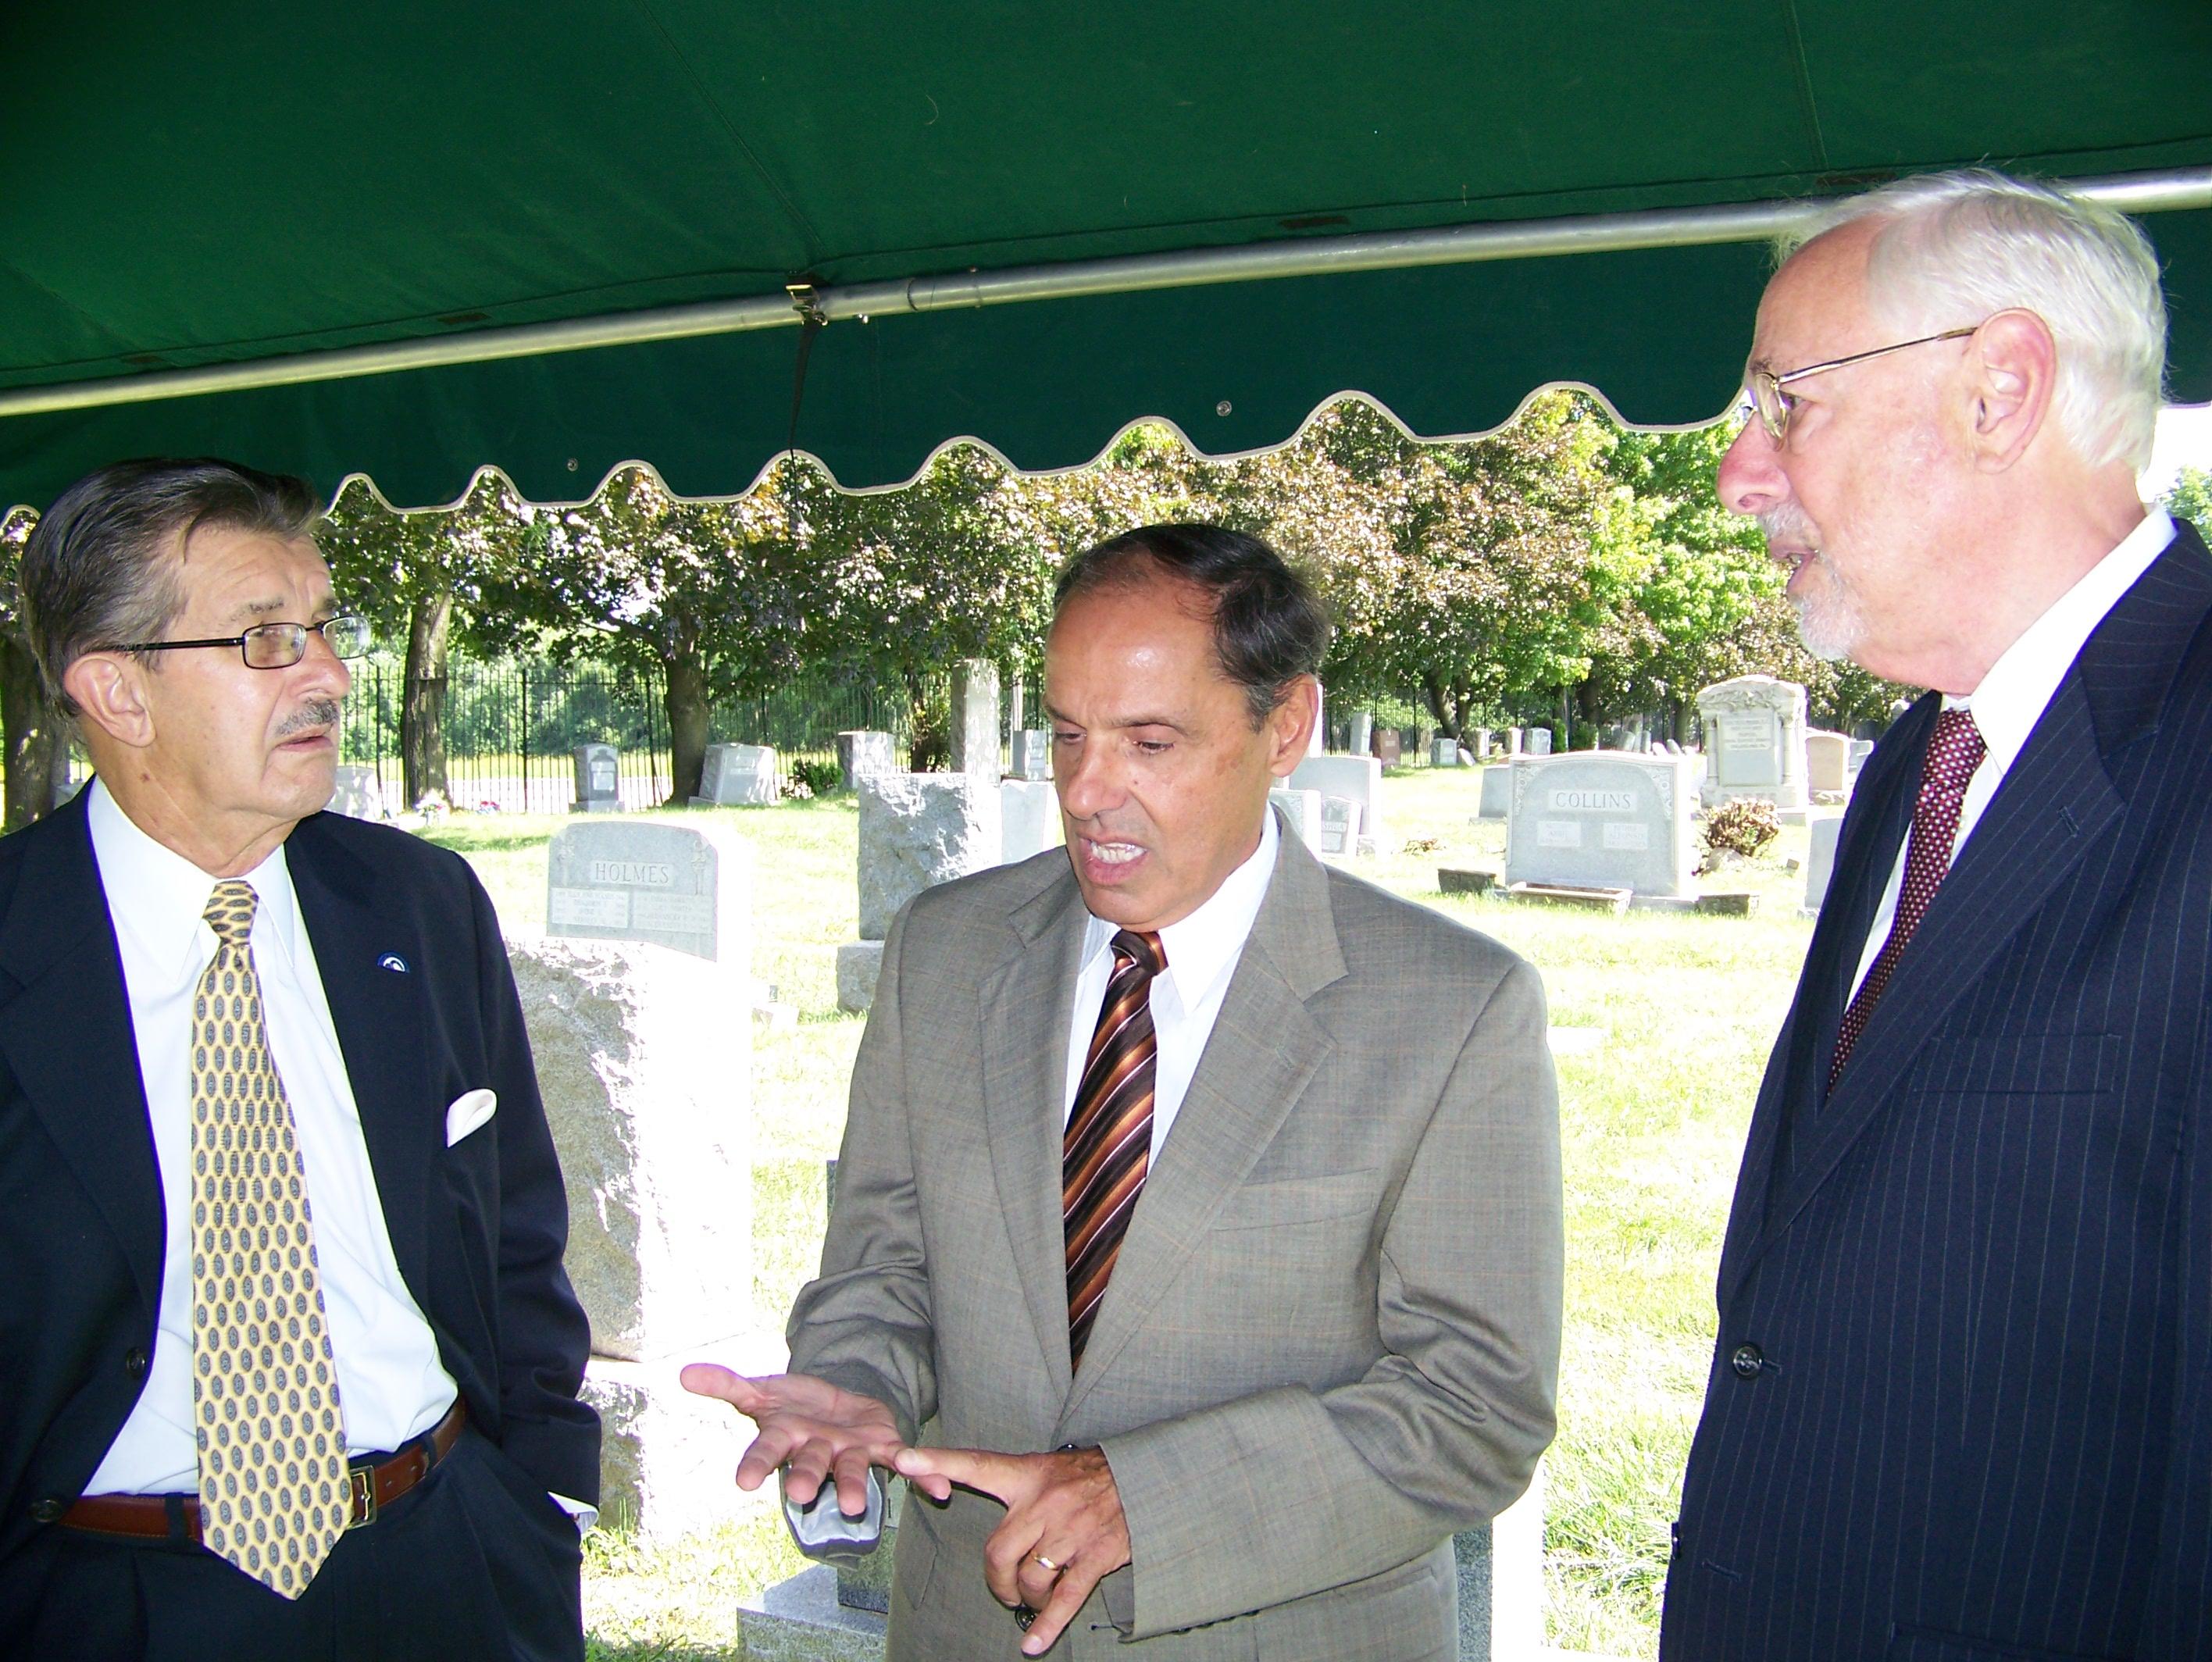 Chairman Zazycyny, Frank Falcone & Robert Stern